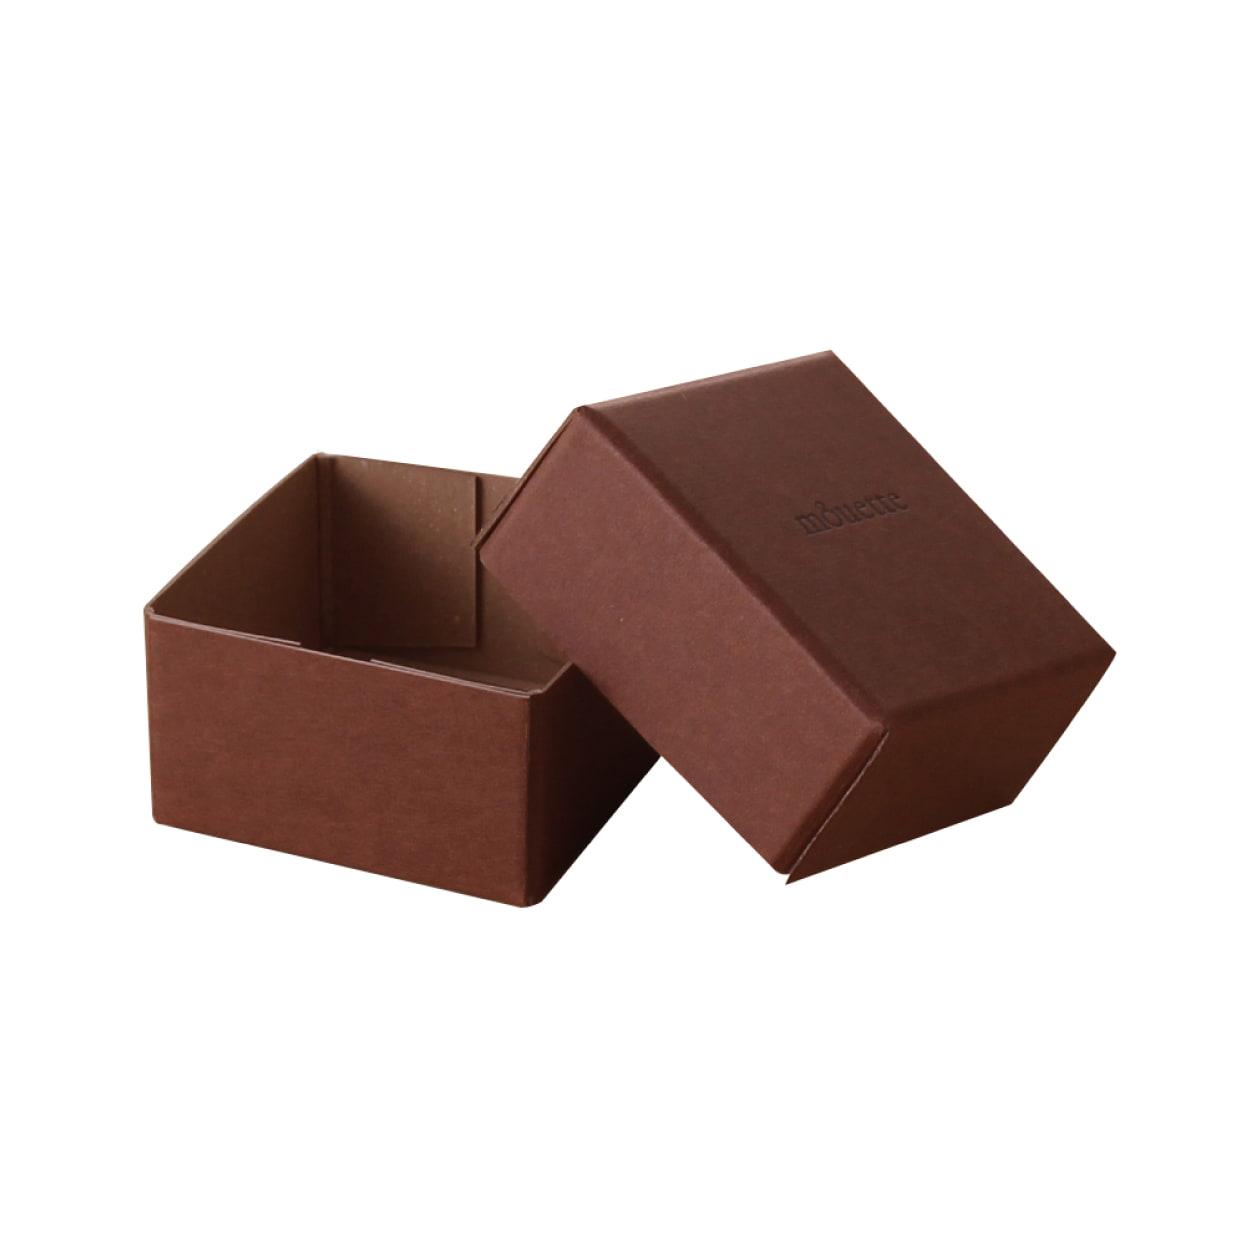 サンプル 箱(糊どめ) 00043